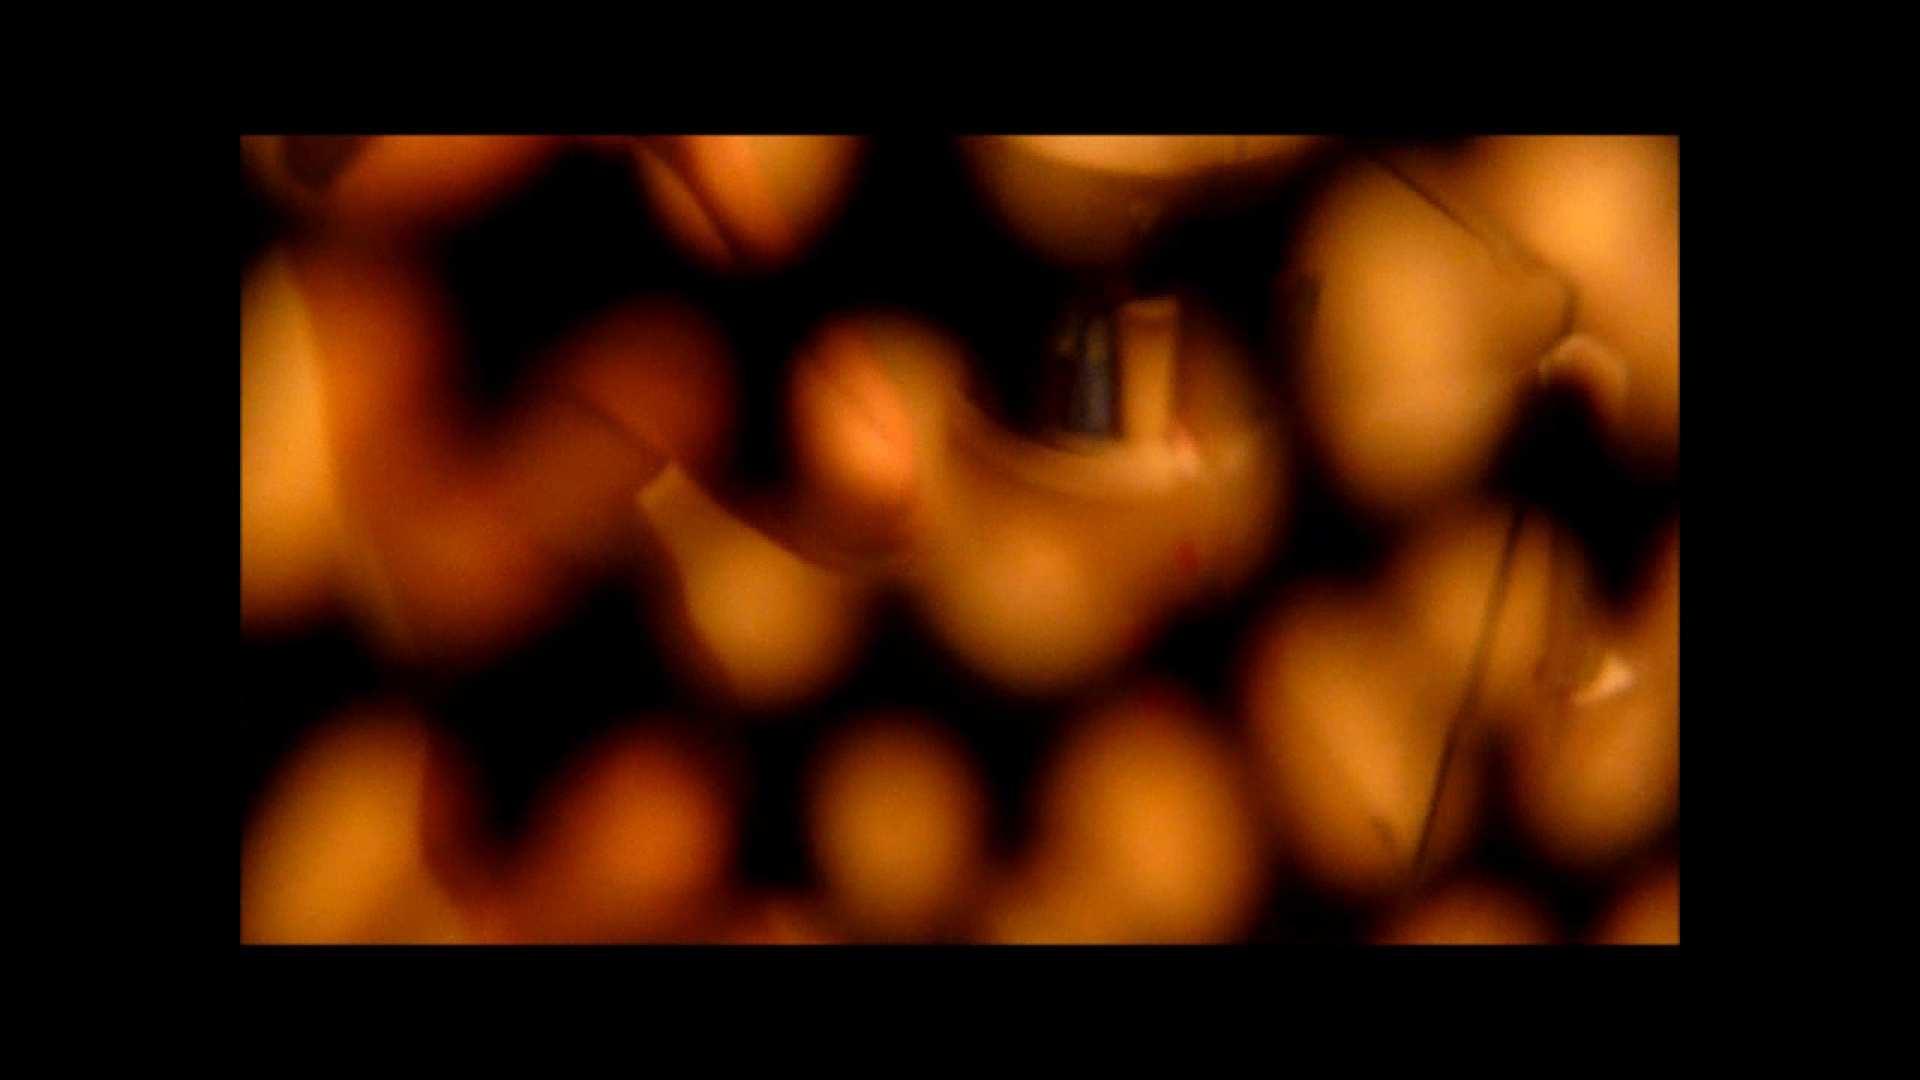 【02】ベランダに侵入して張り込みを始めて・・・やっと結果が出ました。 モロだしオマンコ   盗撮師作品  79pic 16